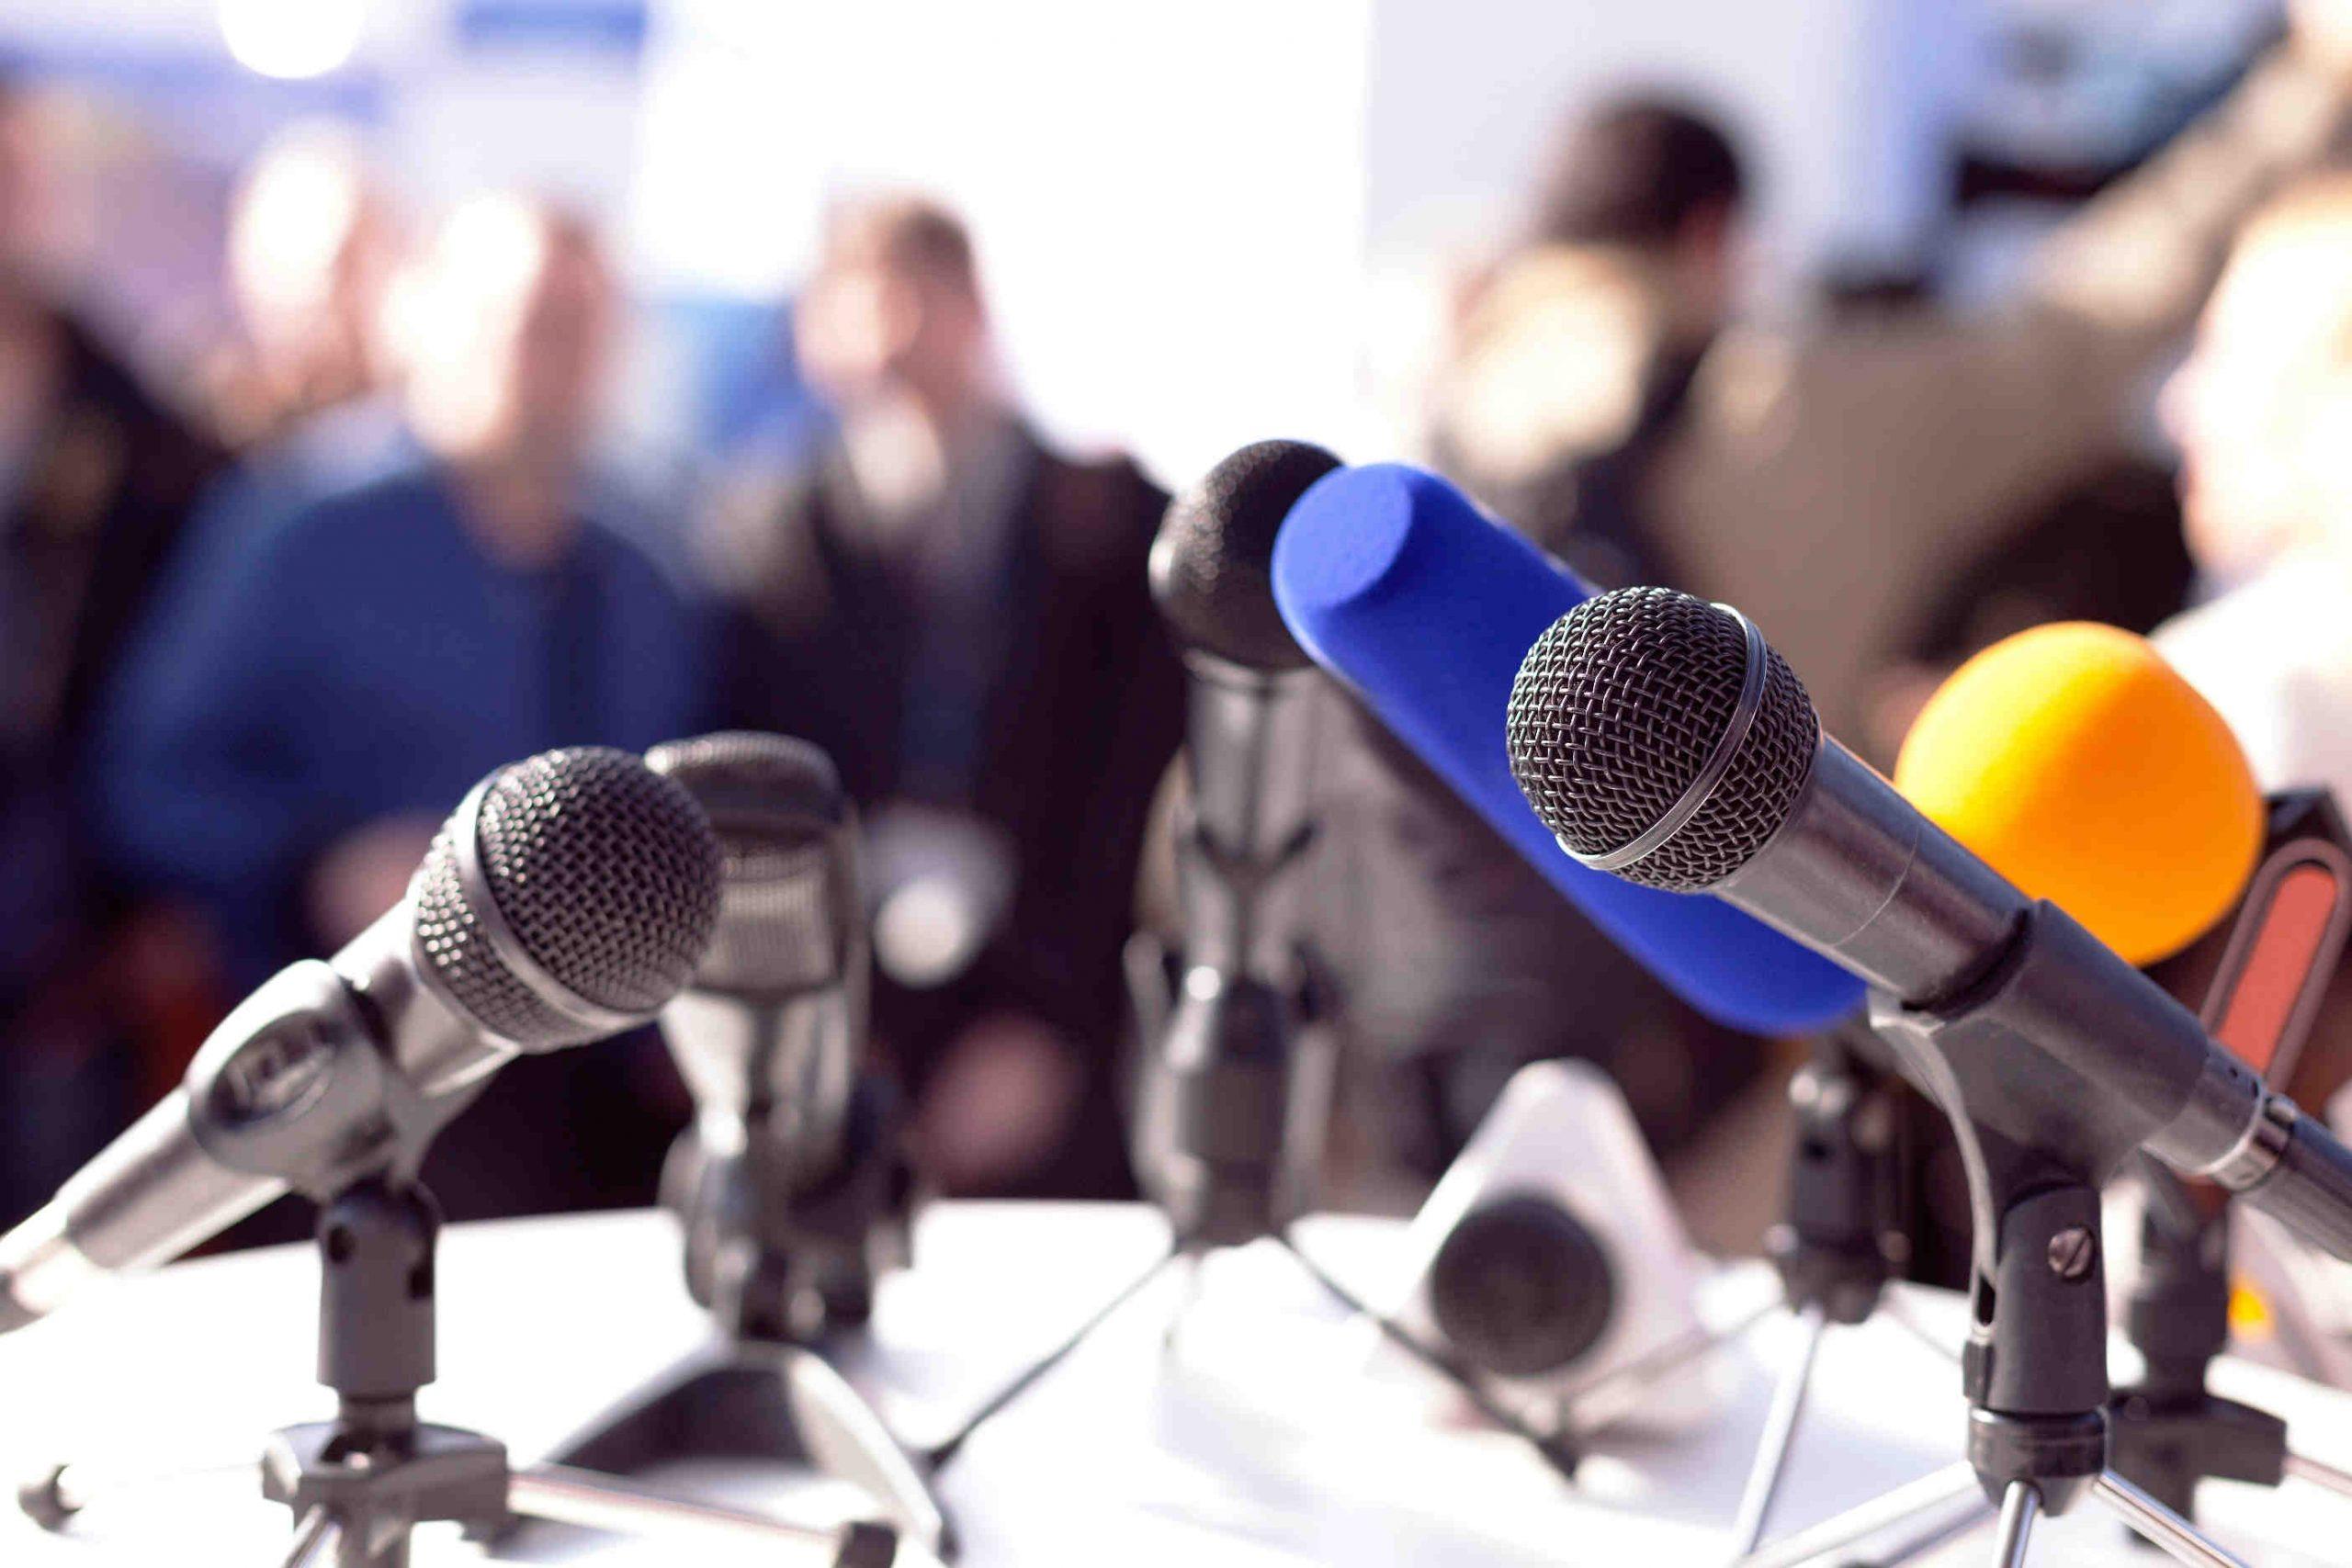 Servicios ofrecidos para empresas e instituciones públicas o privadas y asociaciones.